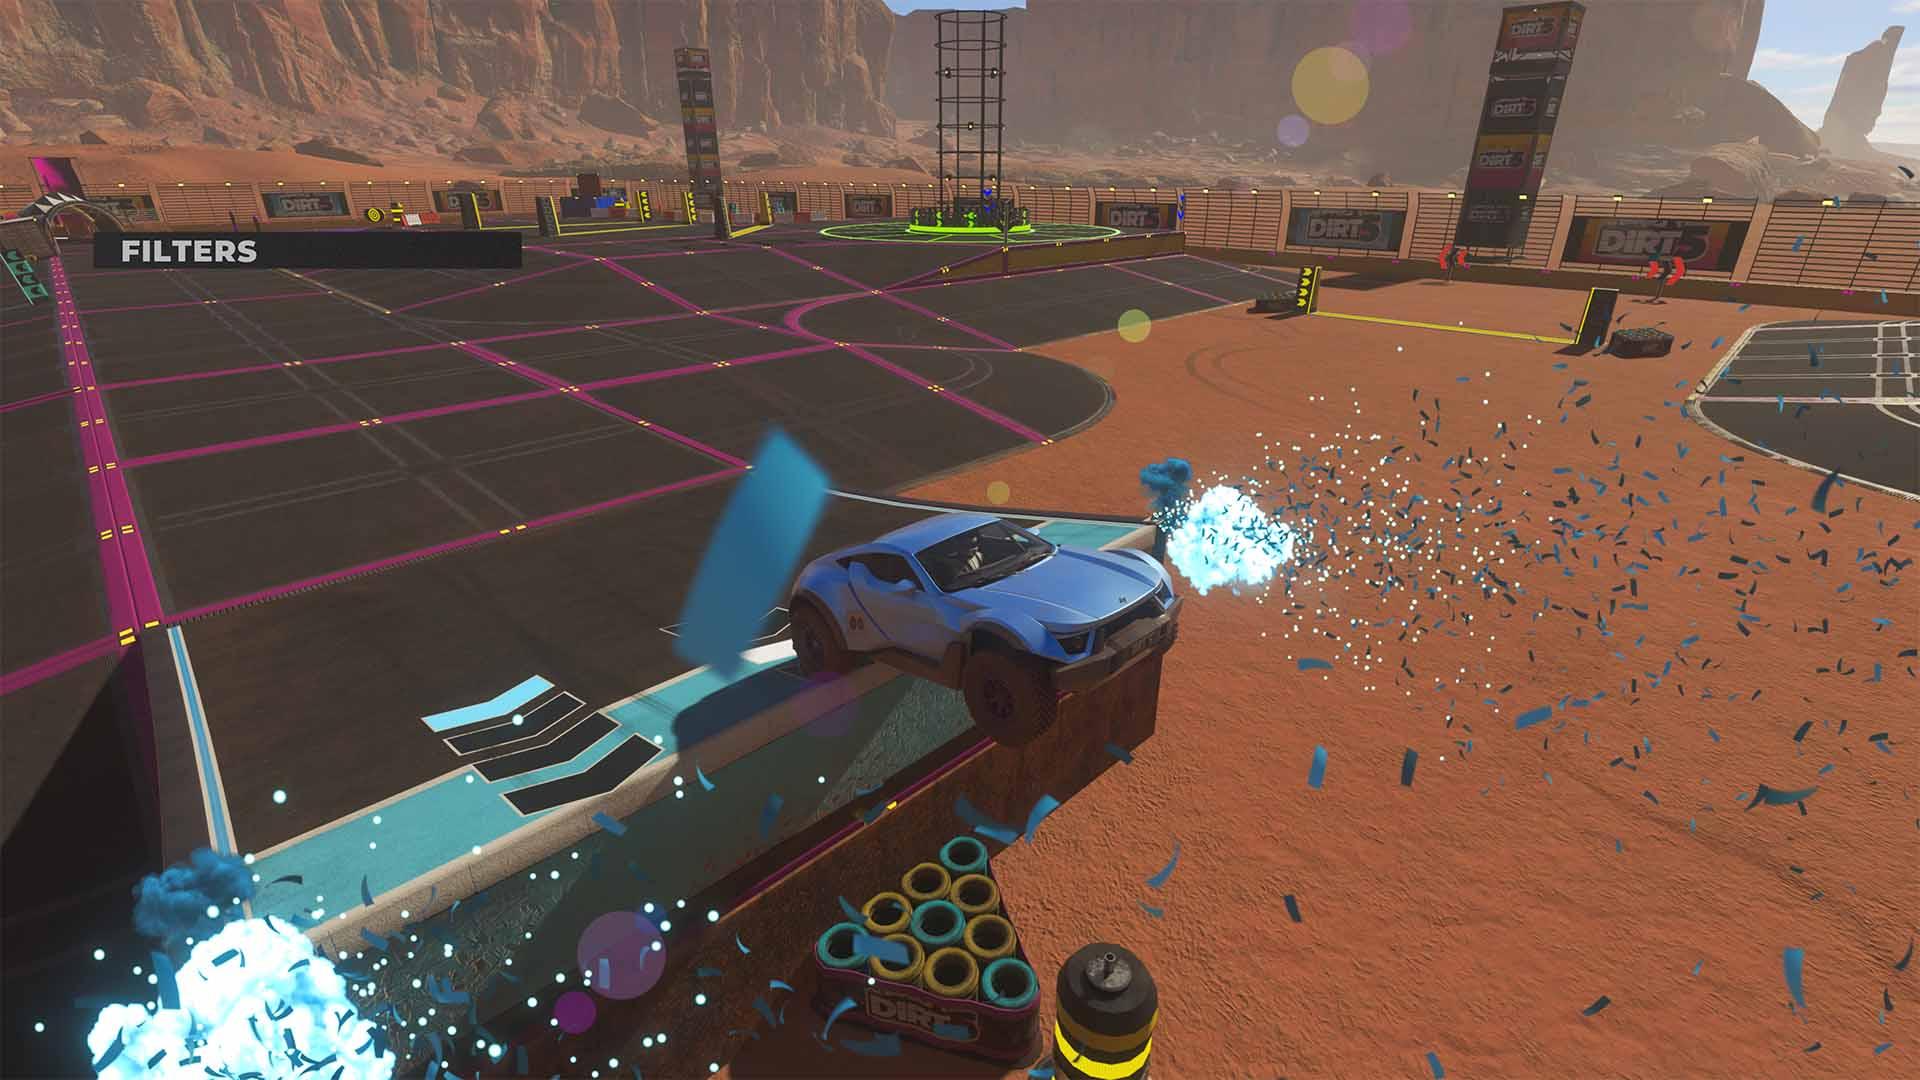 Nos hemos puesto creativos gracias al nuevo modo Playgrounds de DIRT 5 2